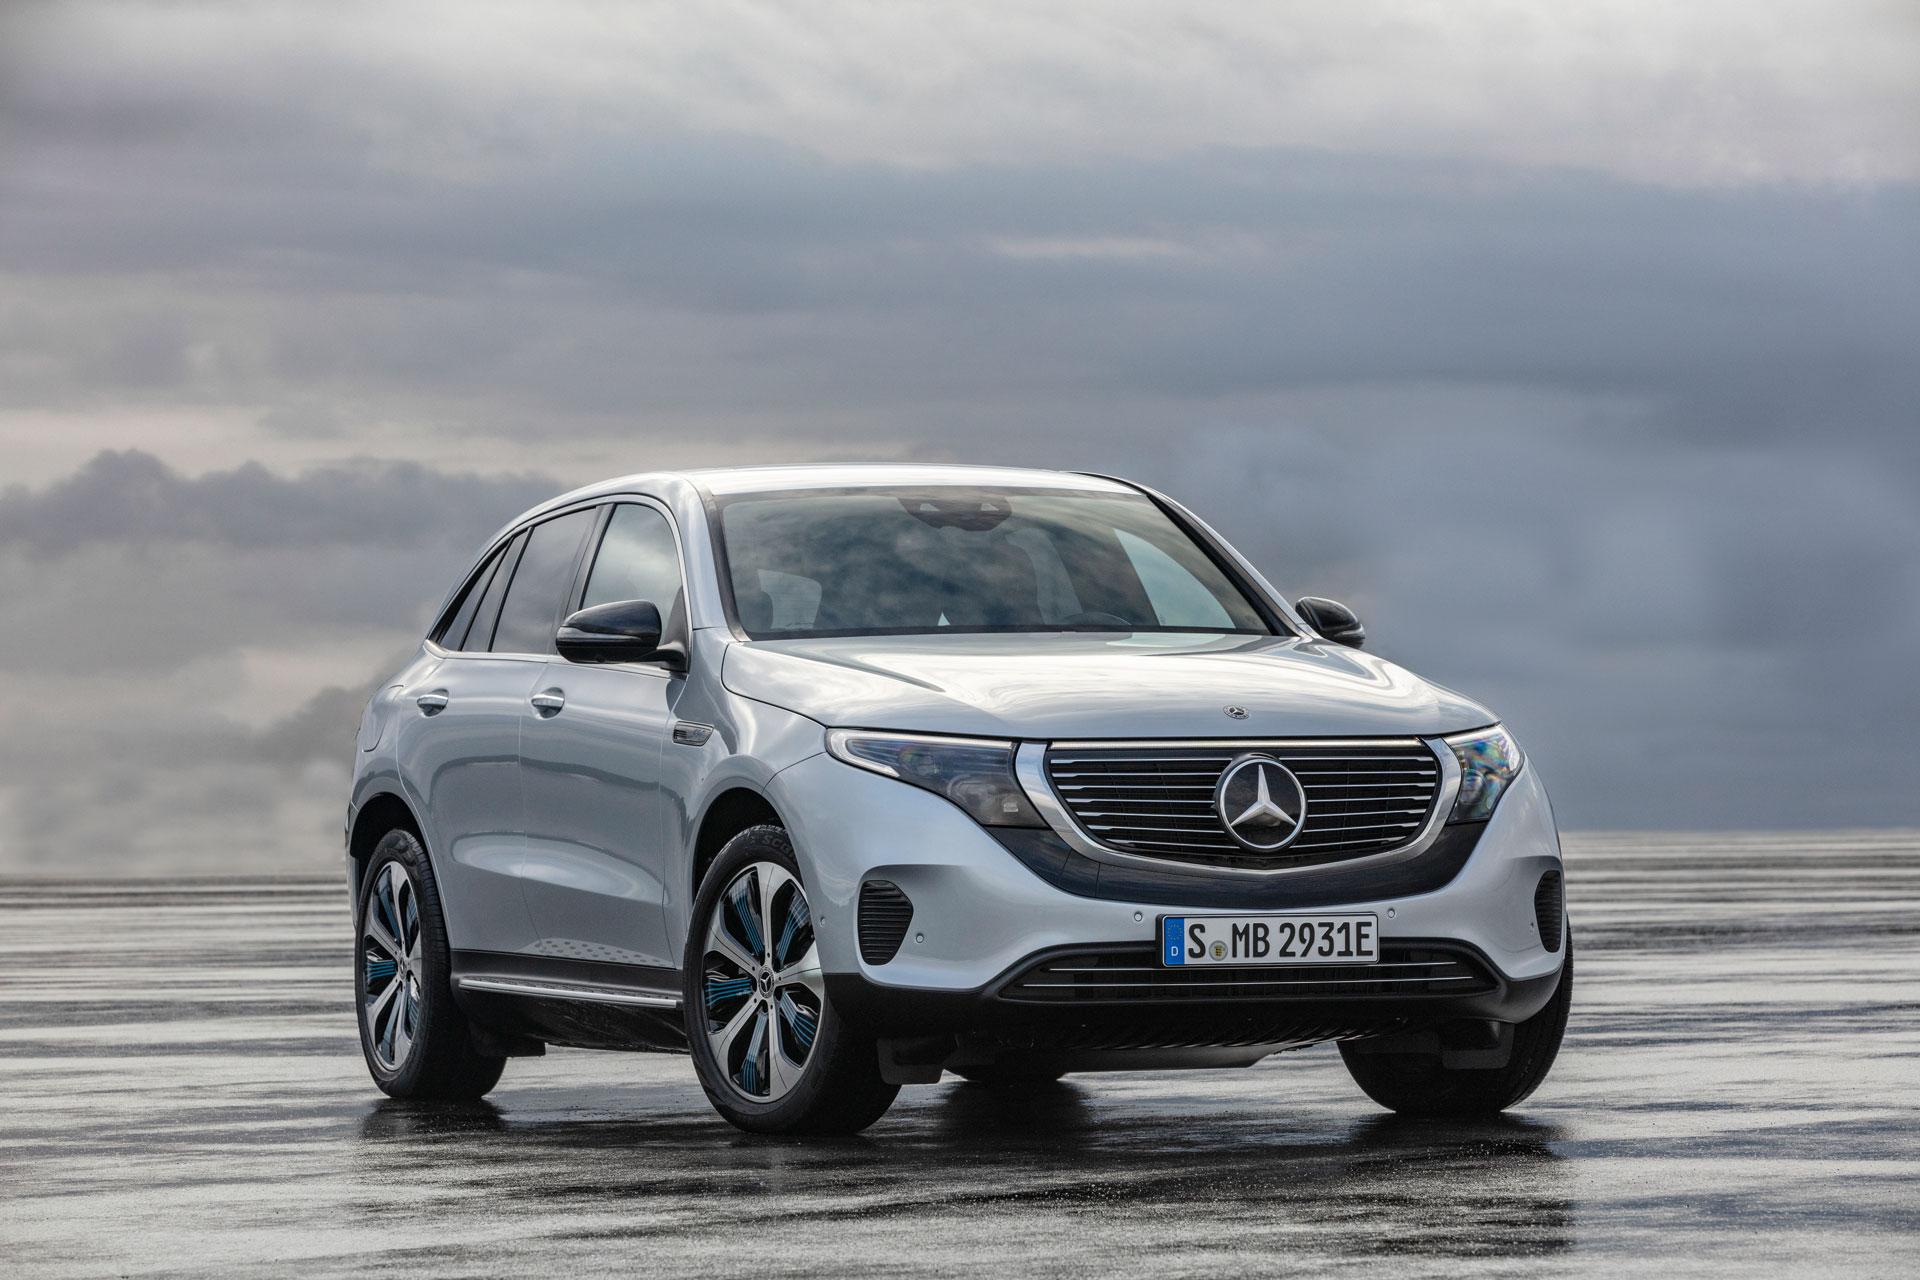 Mercedes-Benz EQC 400 4MATIC і EQC 400 4MATIC AMG Line – нова базова модель і спортивна версія